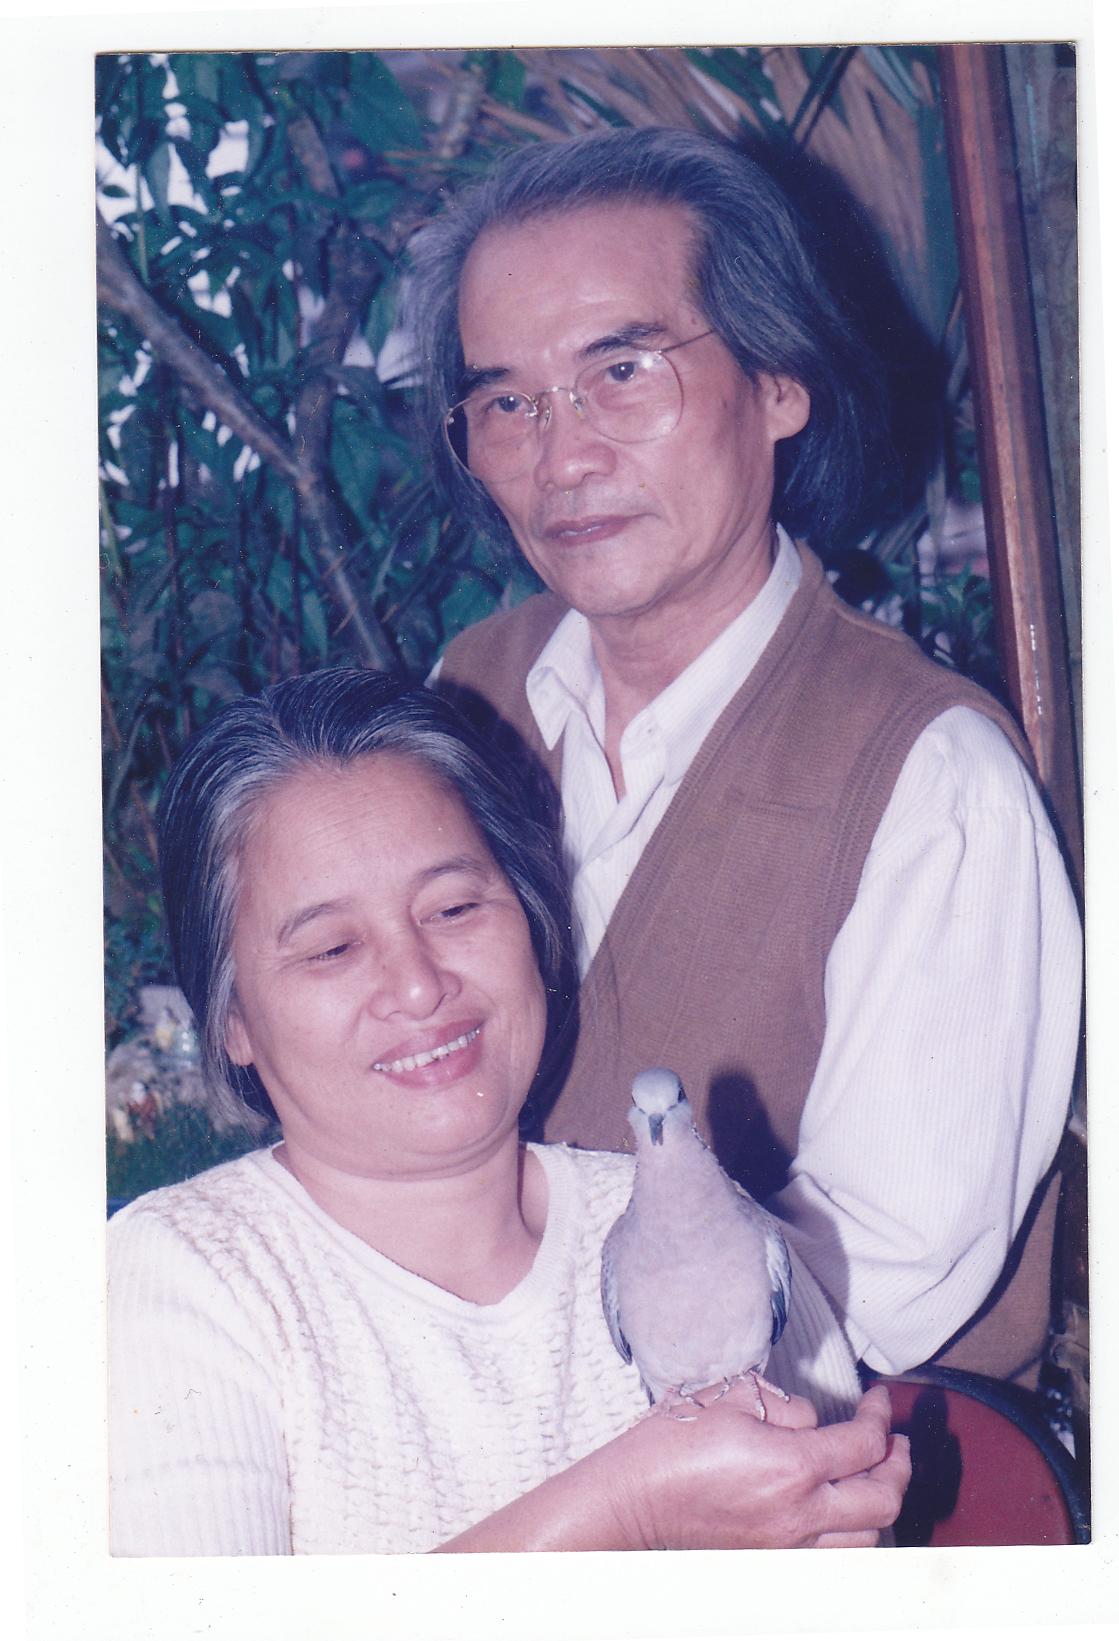 Nhà văn Sơn Tùng hạnh phúc bên người vợ hiền – bà Phan Thị Hồng Mai